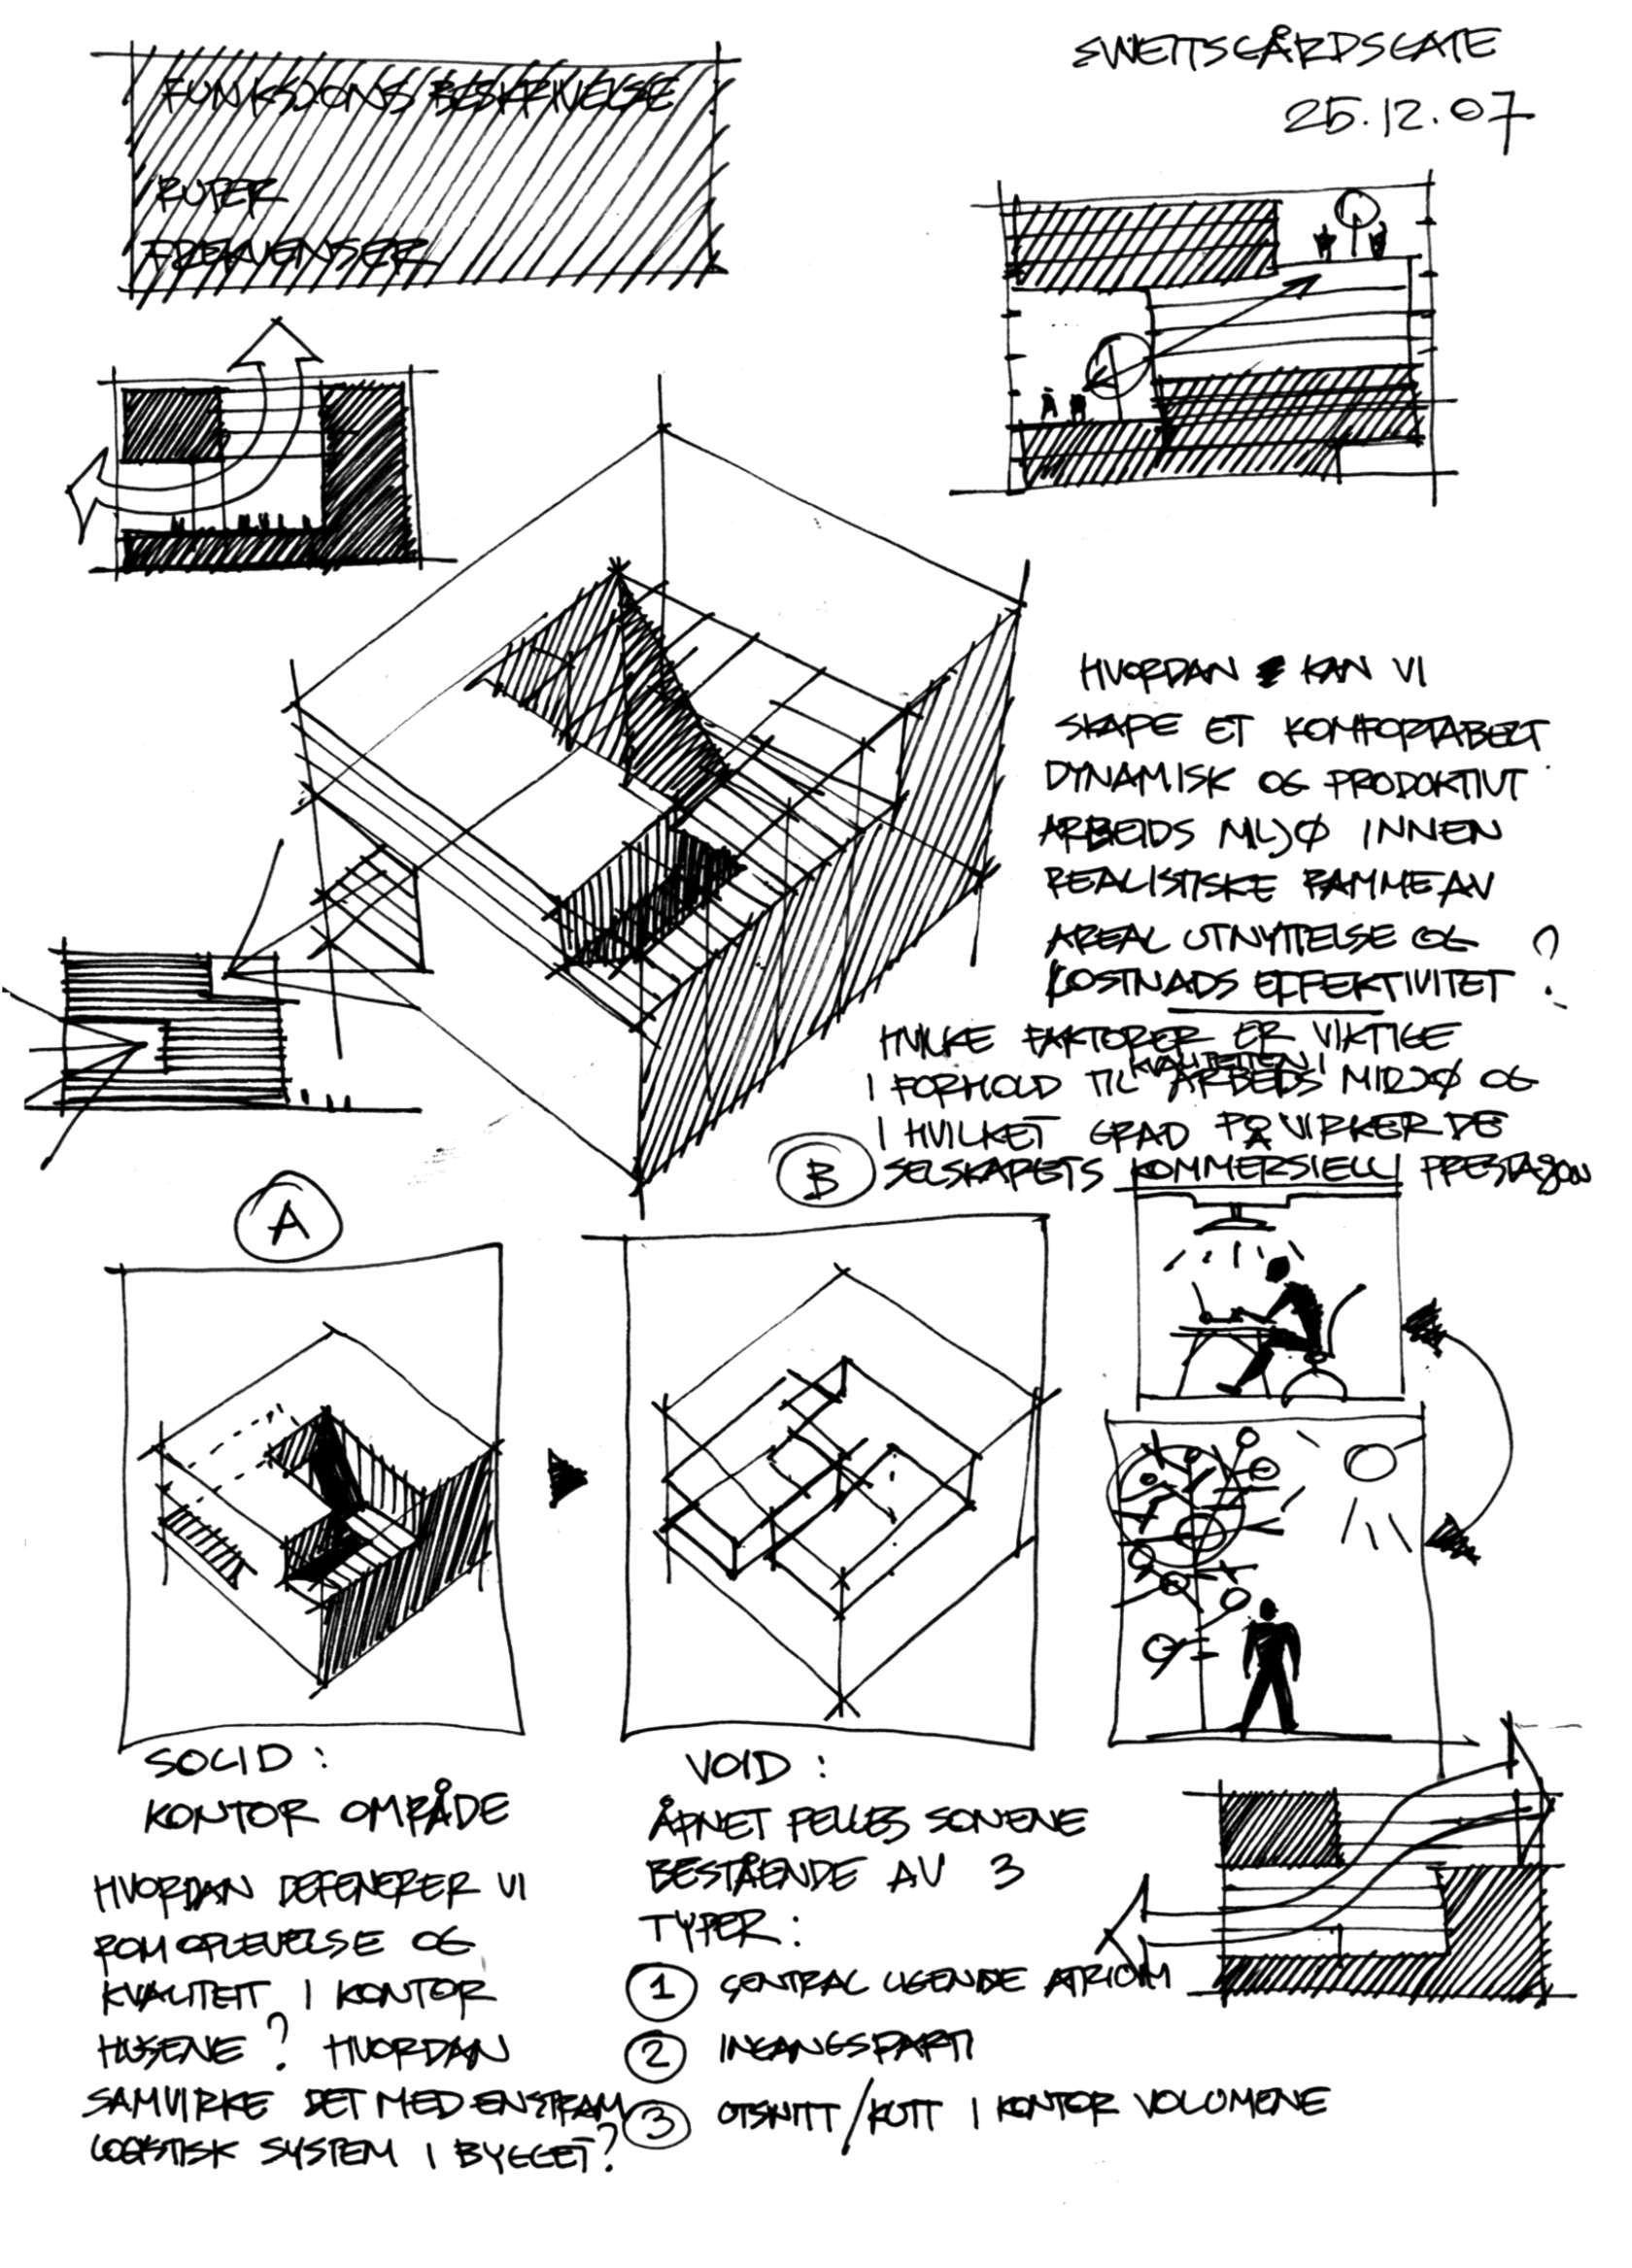 A Collection Of Random Concept Sketches